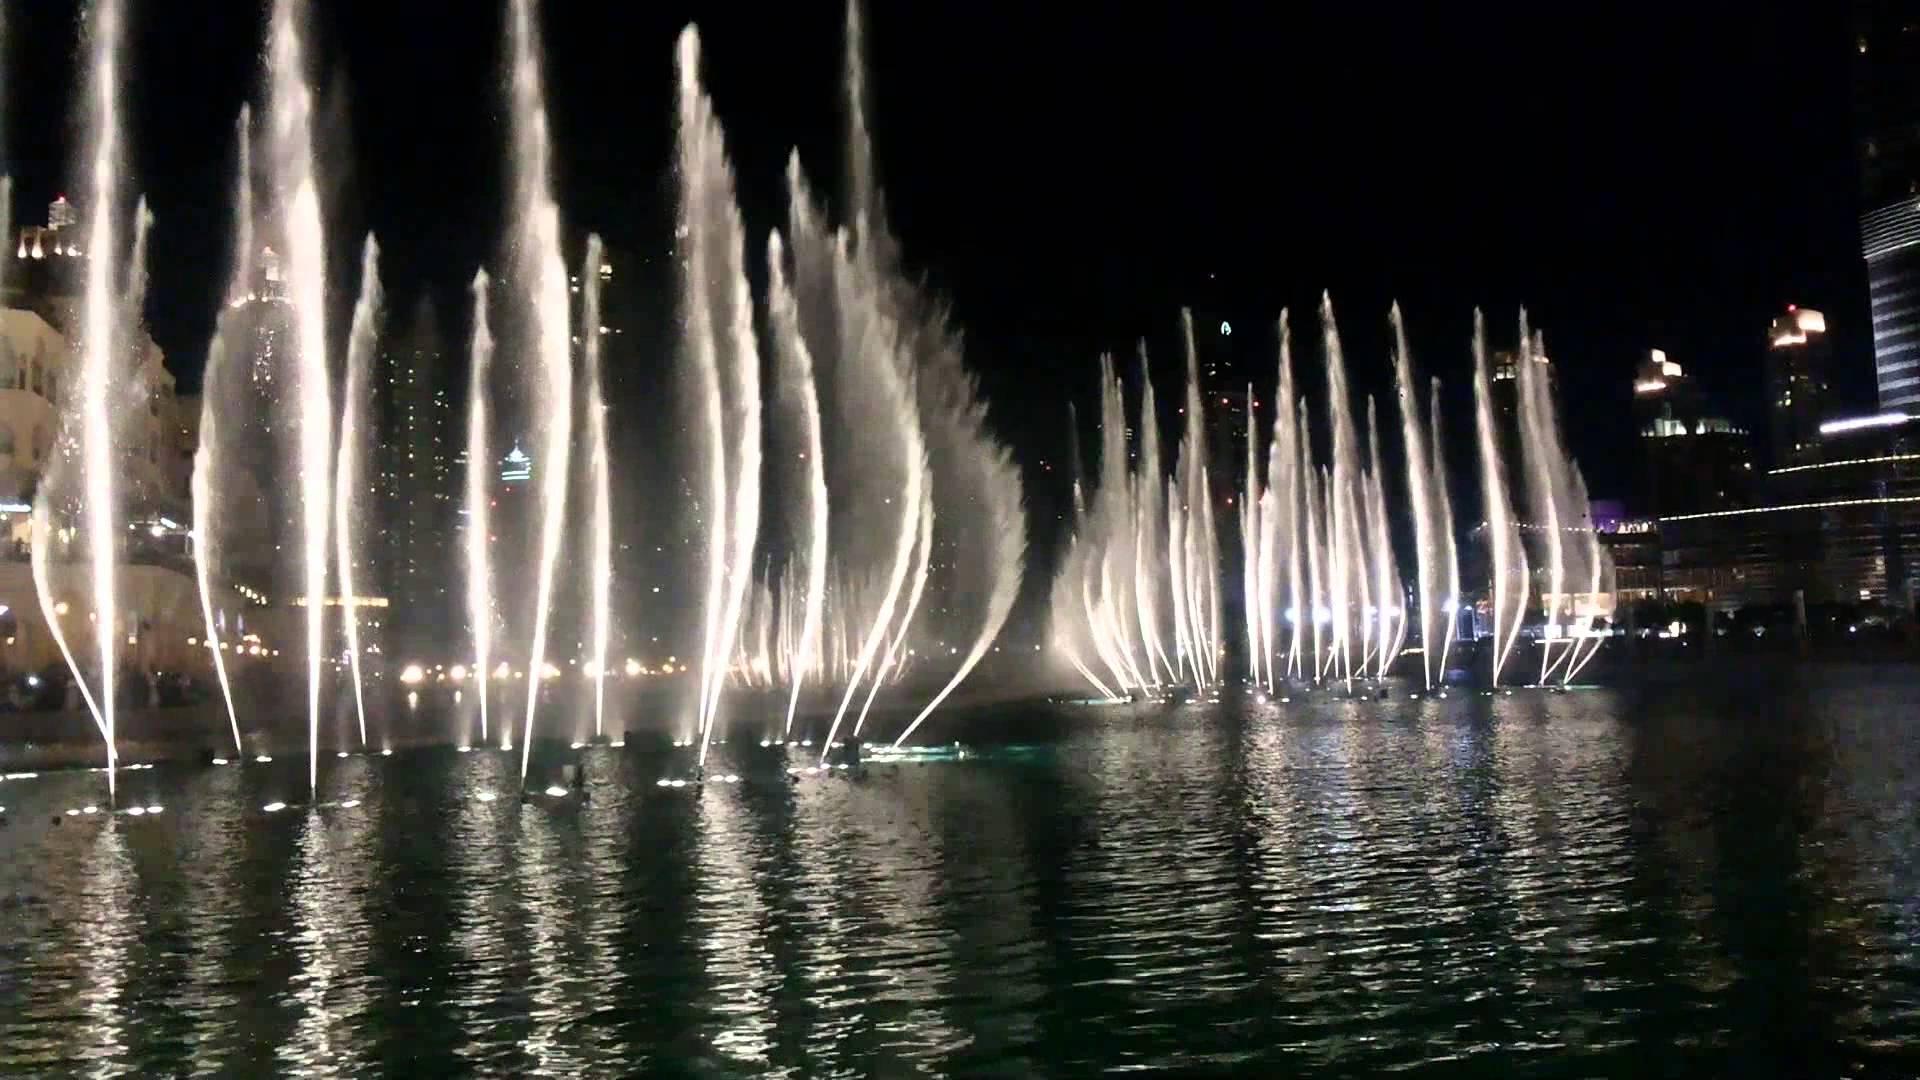 بالصور النافورة الراقصة في دبي , اجمل مناظر وحركات النافورة 10681 5